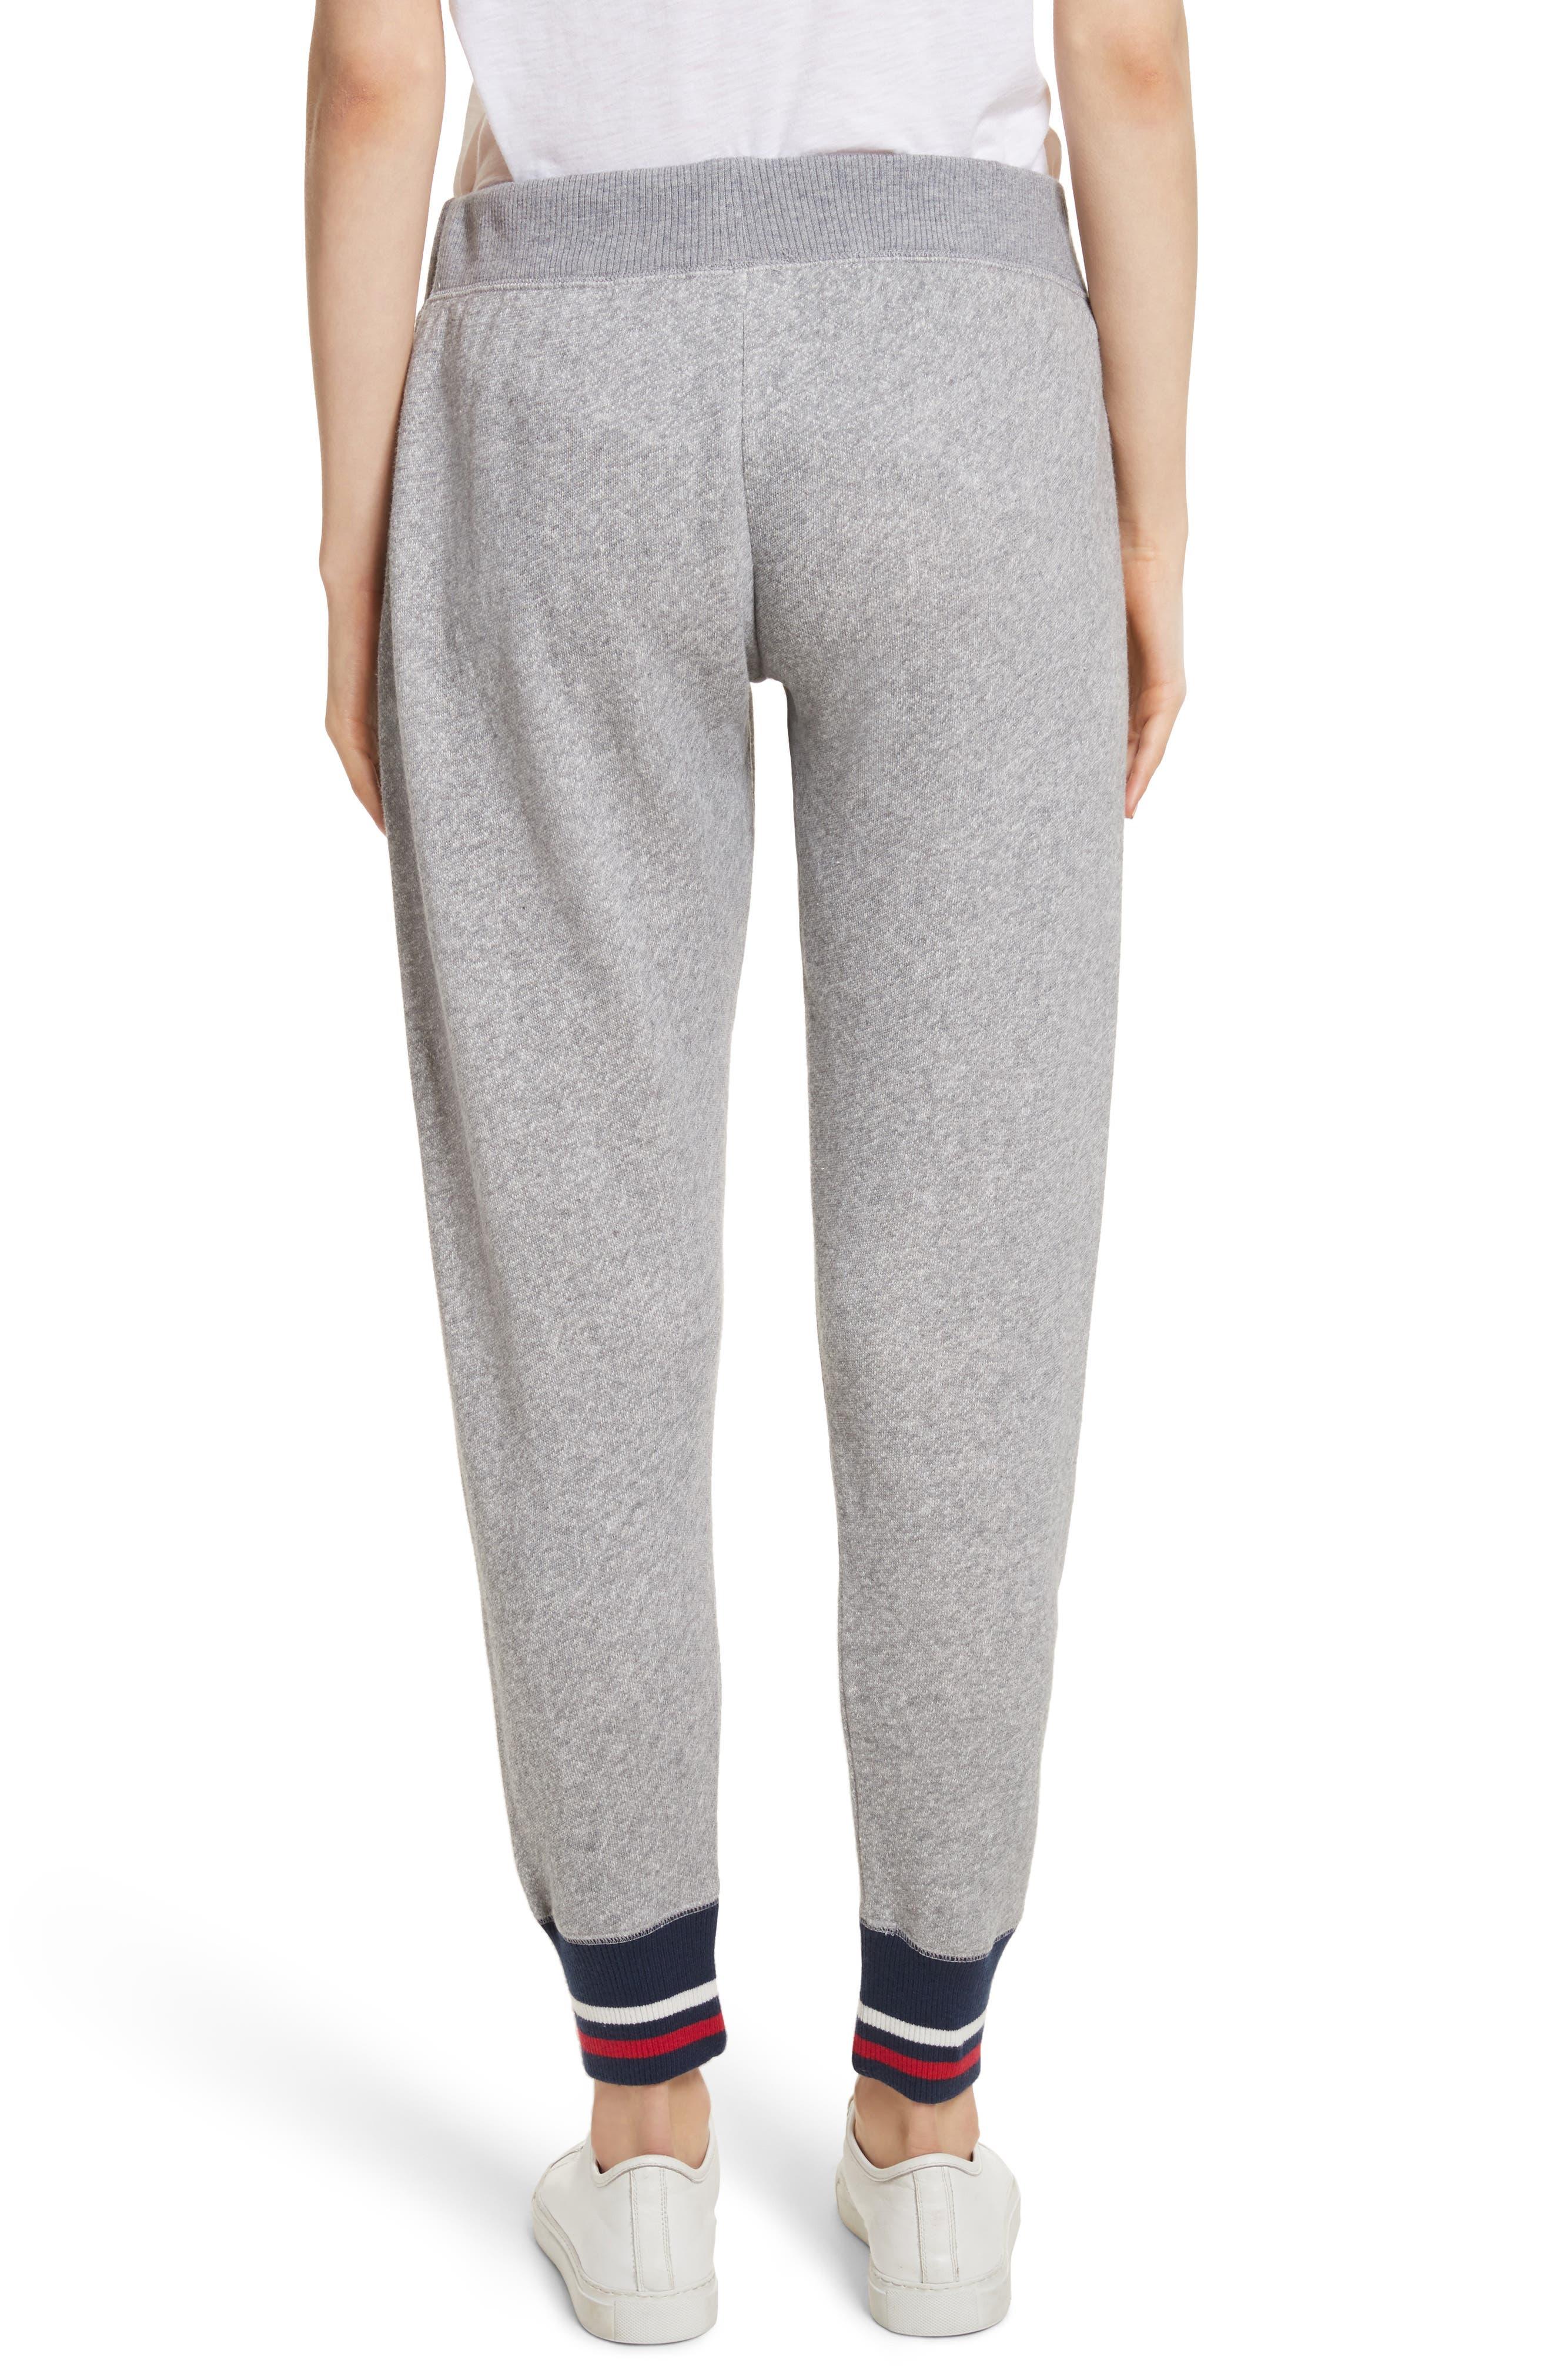 Denicah Cotton Sweatpants,                             Alternate thumbnail 2, color,